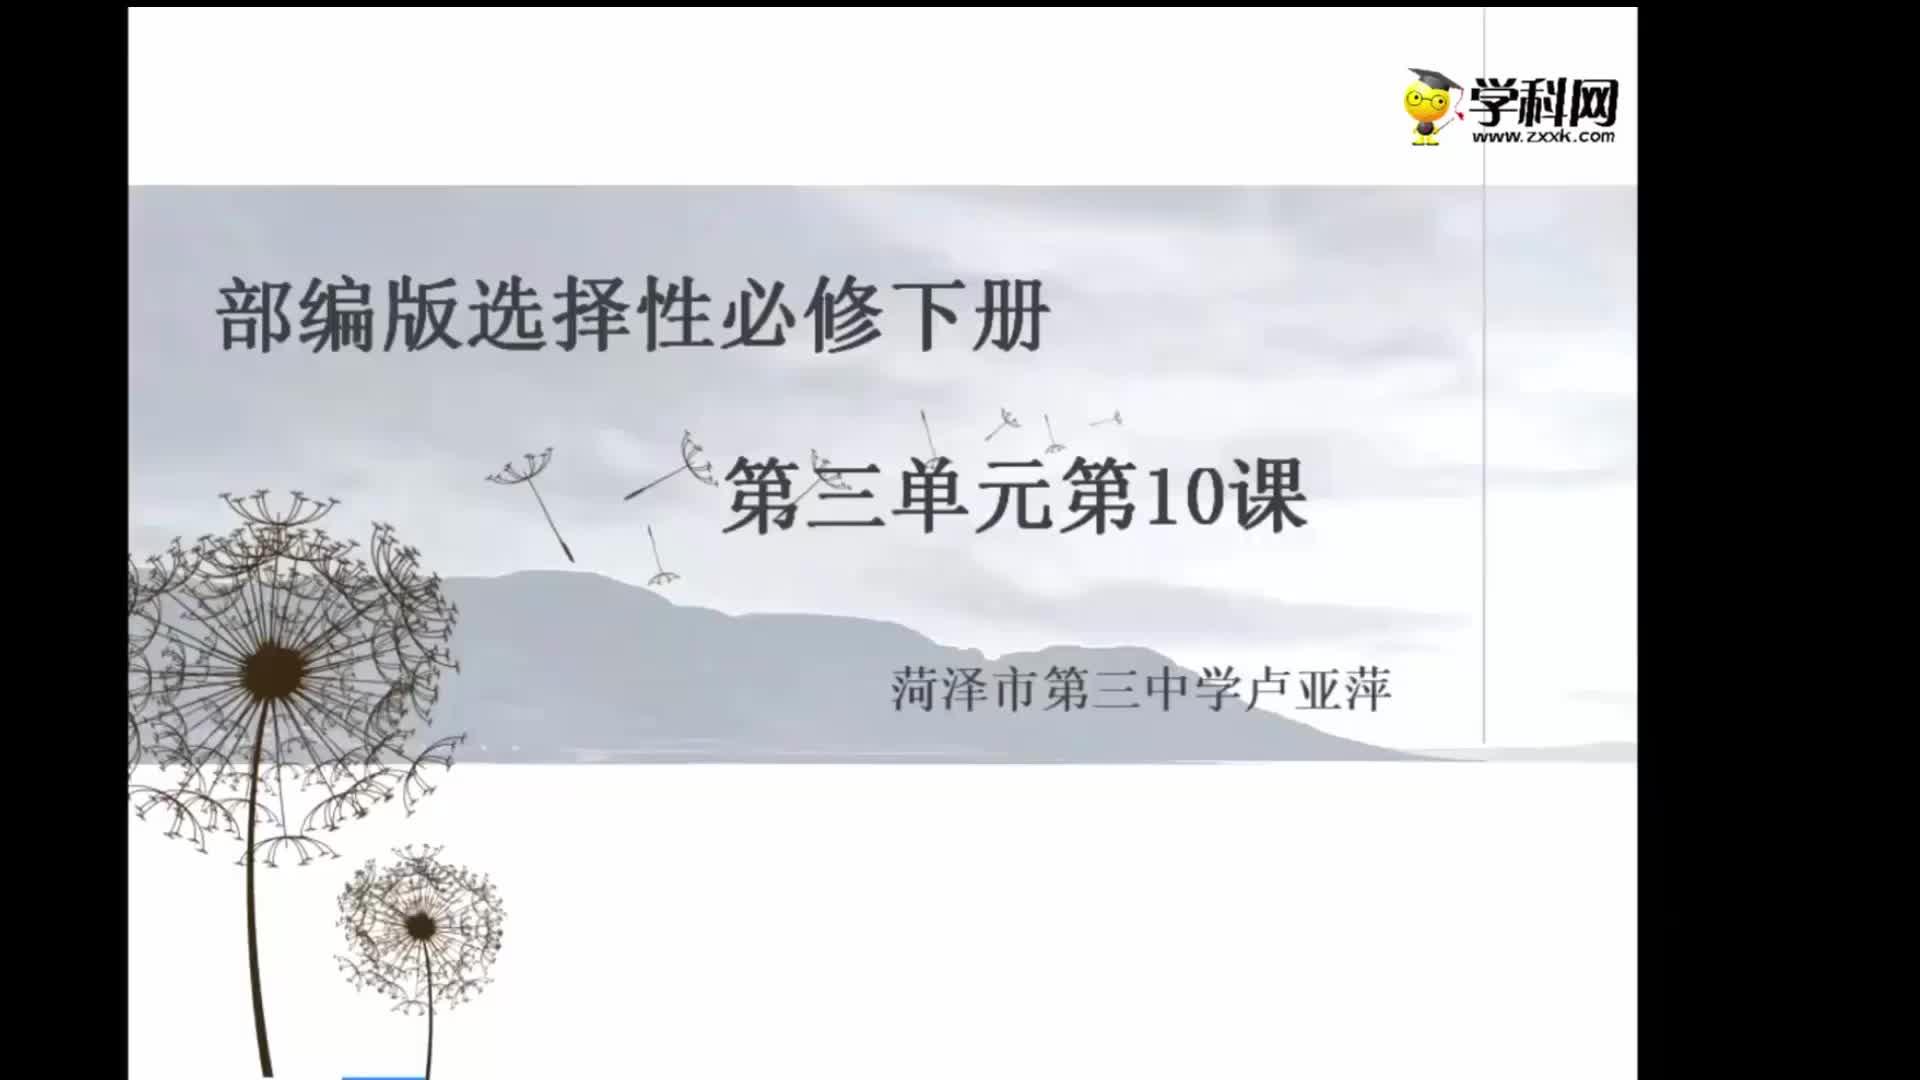 (专家指导视频)魏晋士人的生命沉思-选择性必修下册第三单元第10课群文阅读教学设计